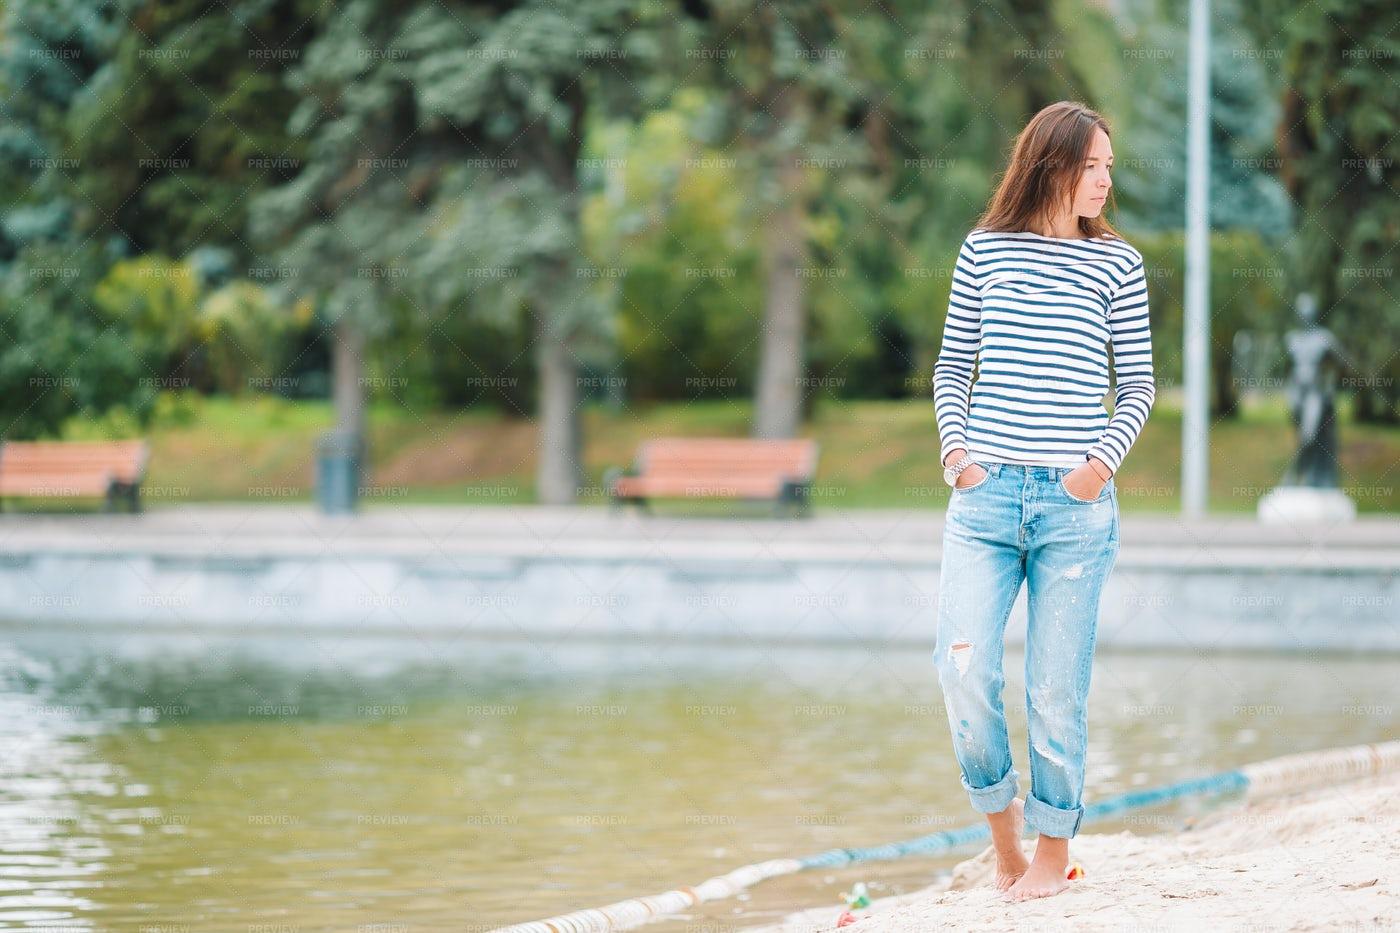 Walking Beside The Lake: Stock Photos